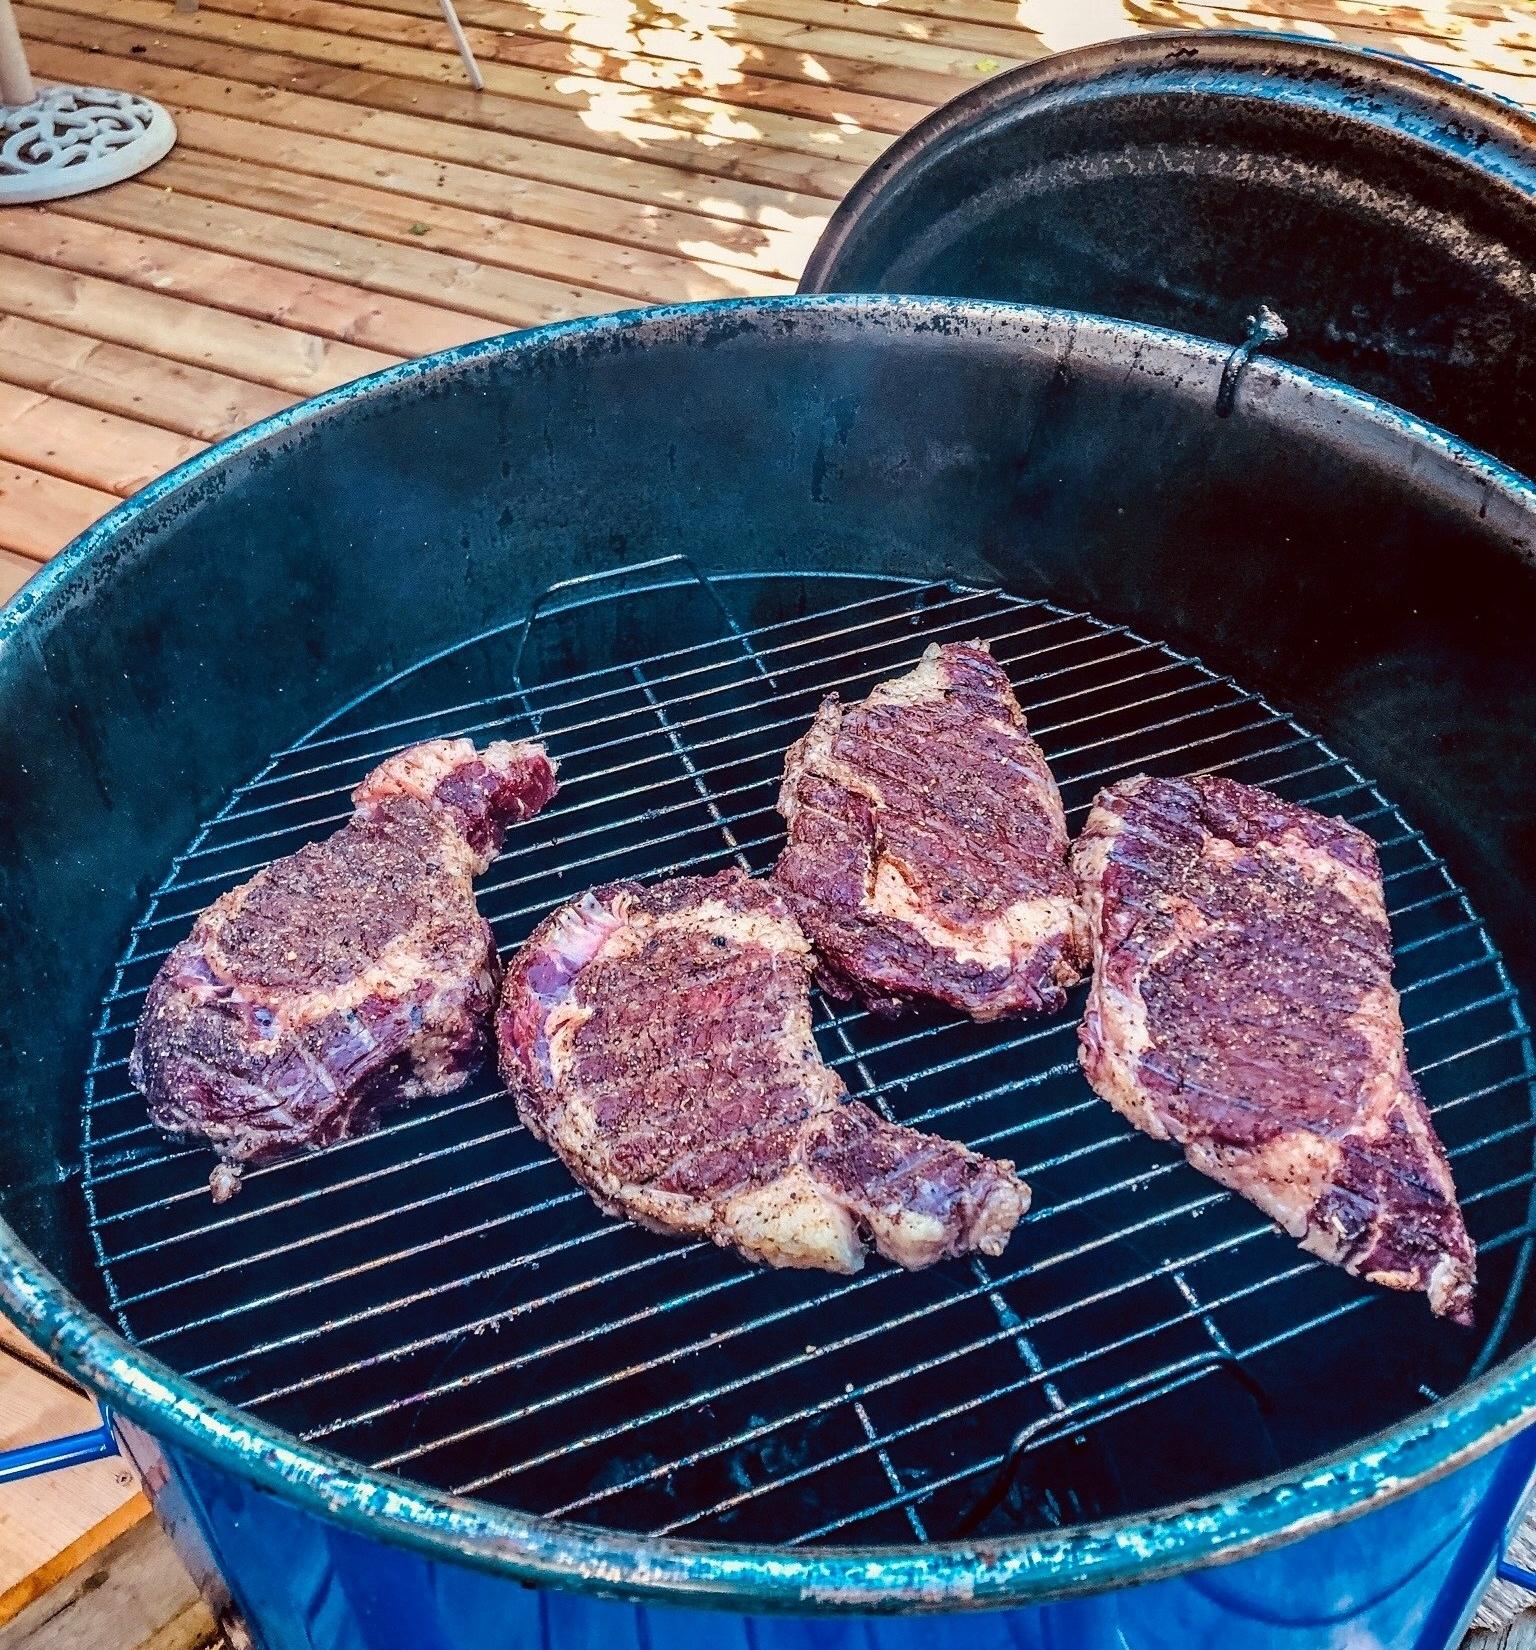 Reverse Sear – Steak